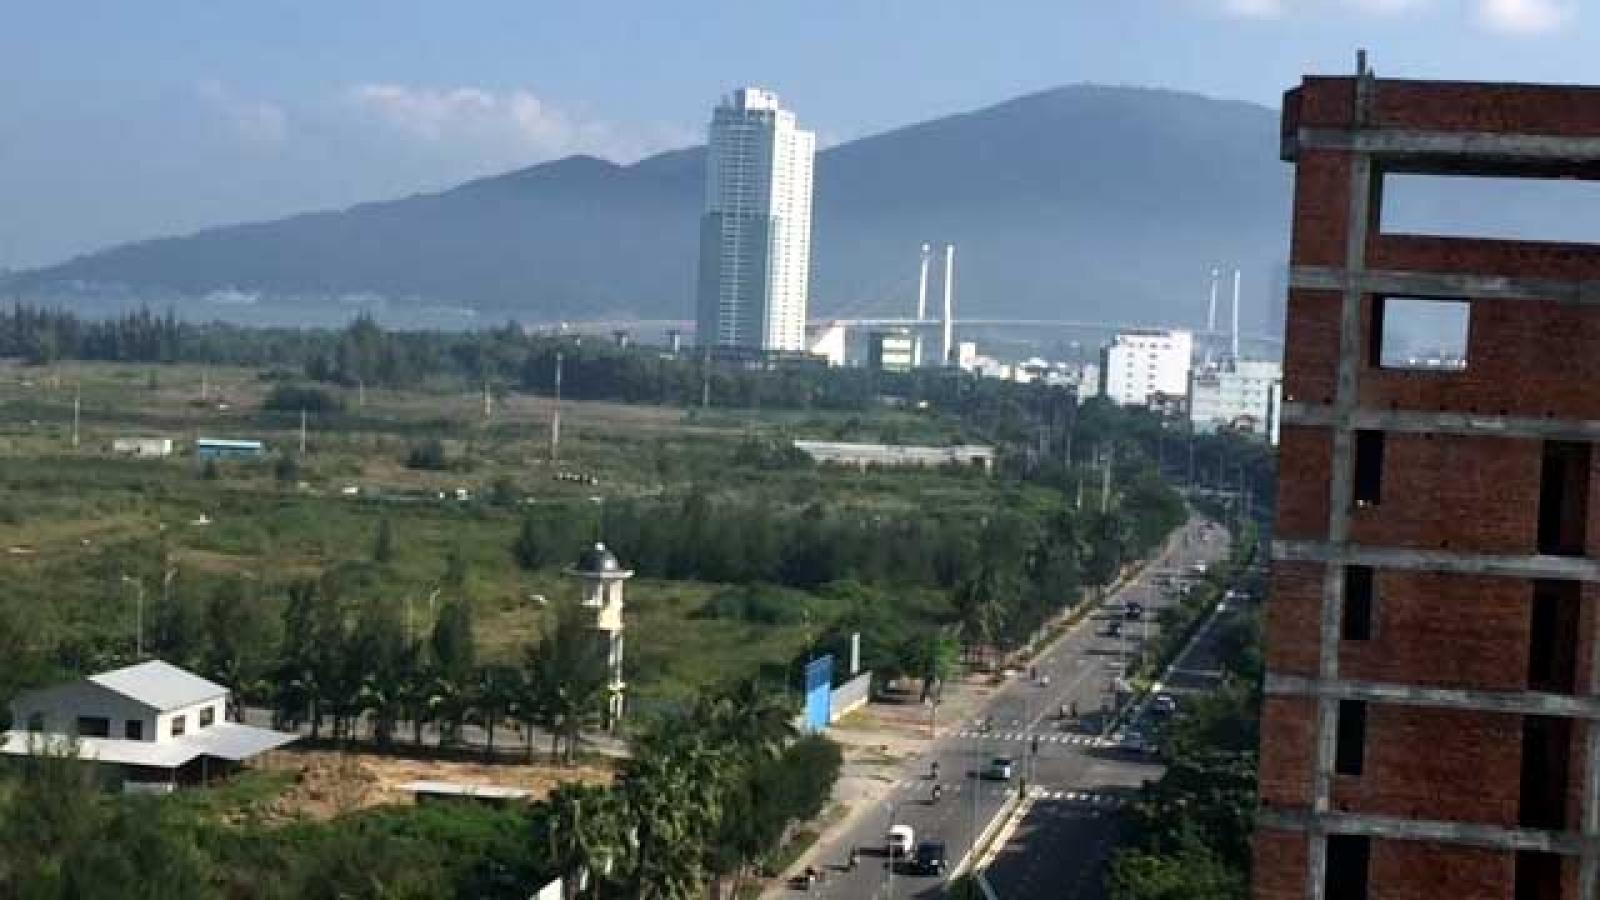 Hơn 15.000 lô đất trống bỏ hoang ở Đà Nẵng gây lãng phí